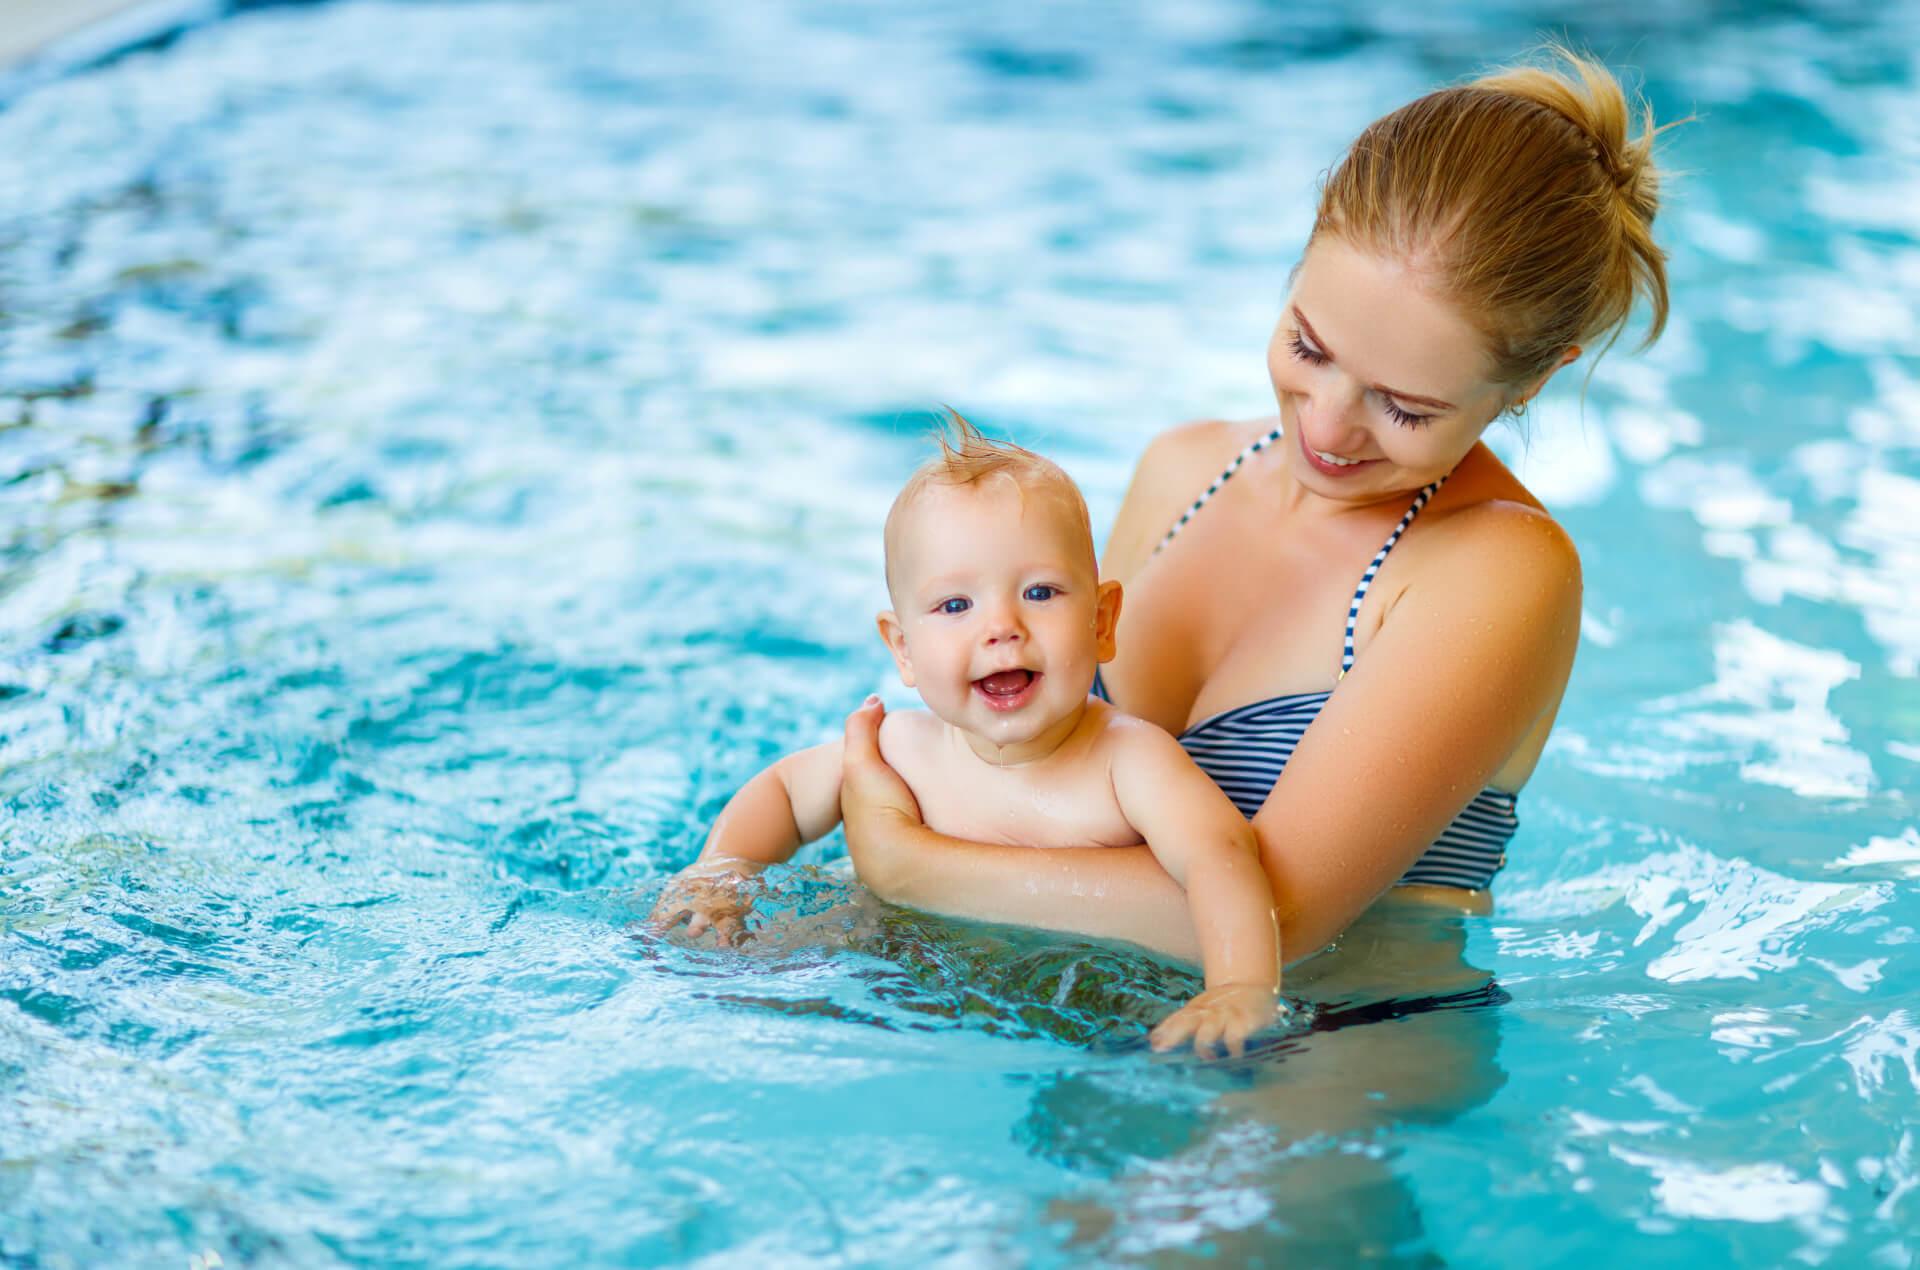 Klub plavání dětí Aquamarin v Praze 4 Krči